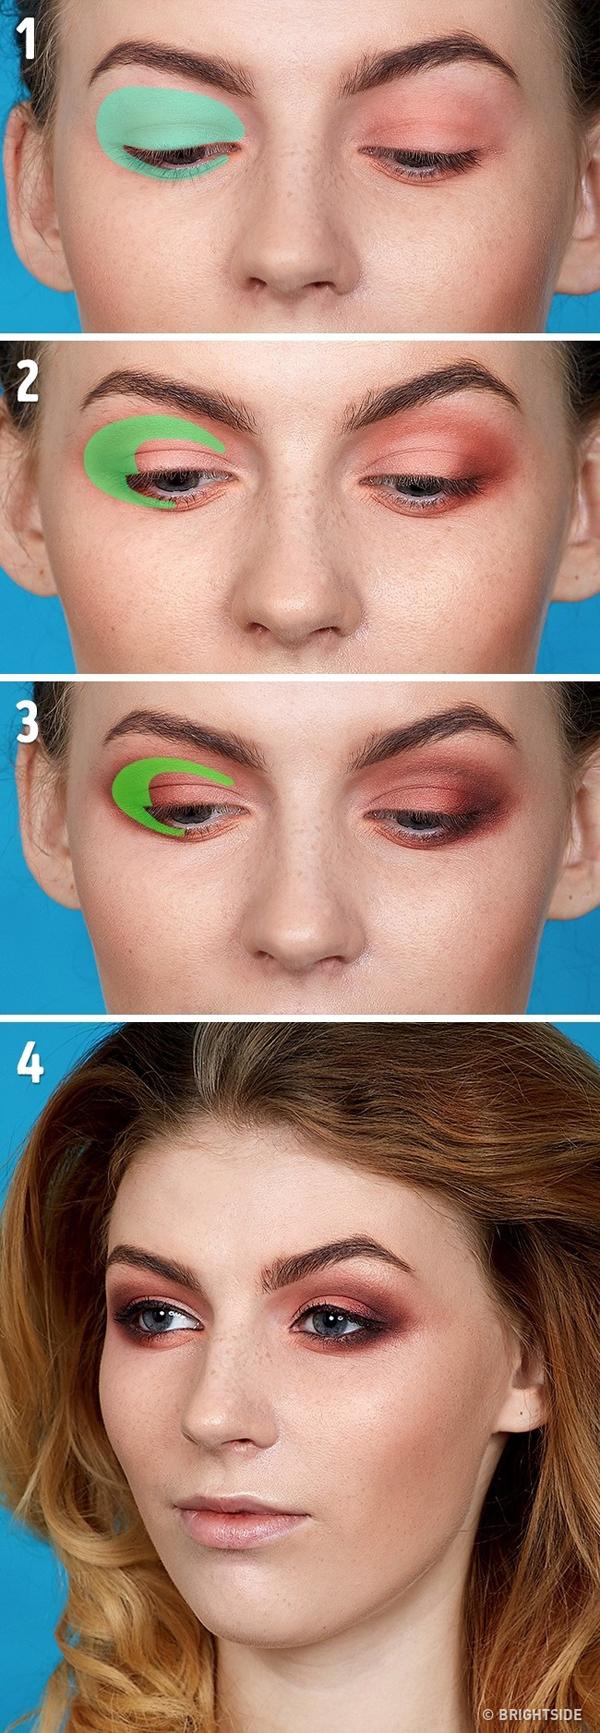 Kỹ thuật trang điểm mắt cổ điển Đây là kiểu vẽ mắt pha trộn giữa hai trường phái trang điểm mắt theo chiều ngang và dọc.